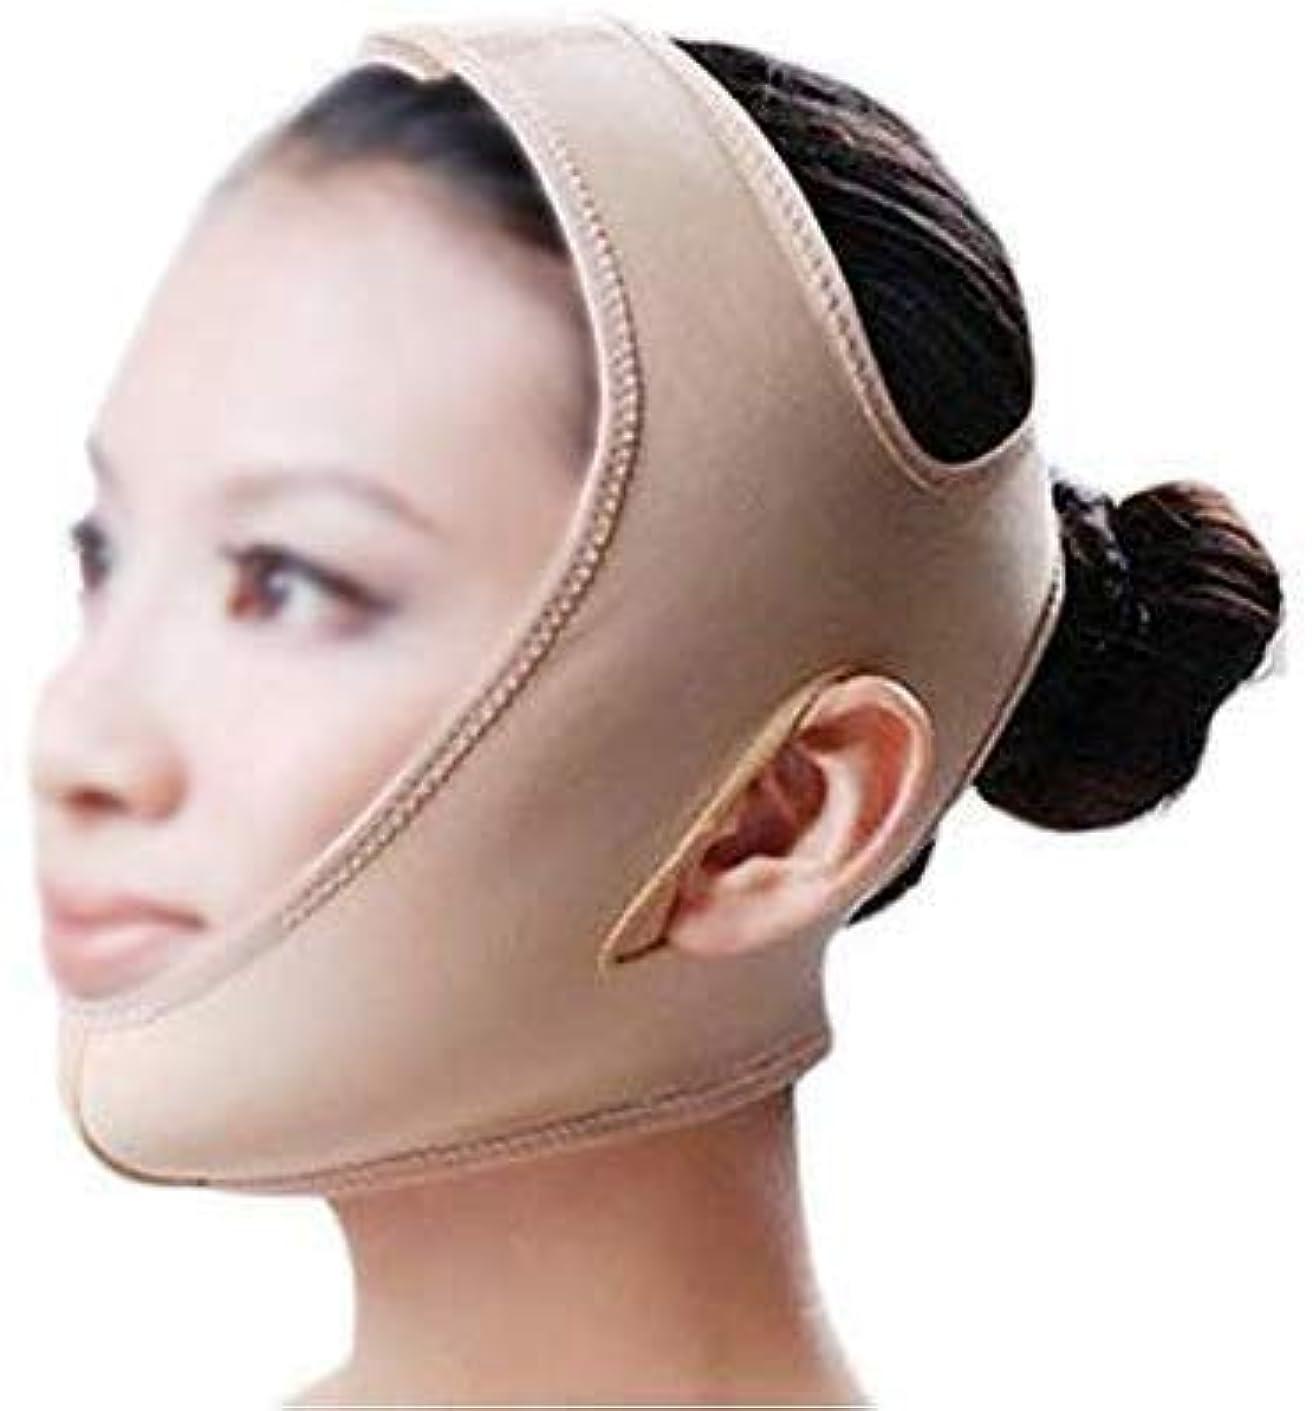 小説西ピアノ美容と実用的な引き締めフェイスマスク、マスクフェイシャルマスク美容薬フェイスマスク美容V顔包帯ライン彫刻リフティング引き締め引き締めダブルチンマスク(サイズ:S)